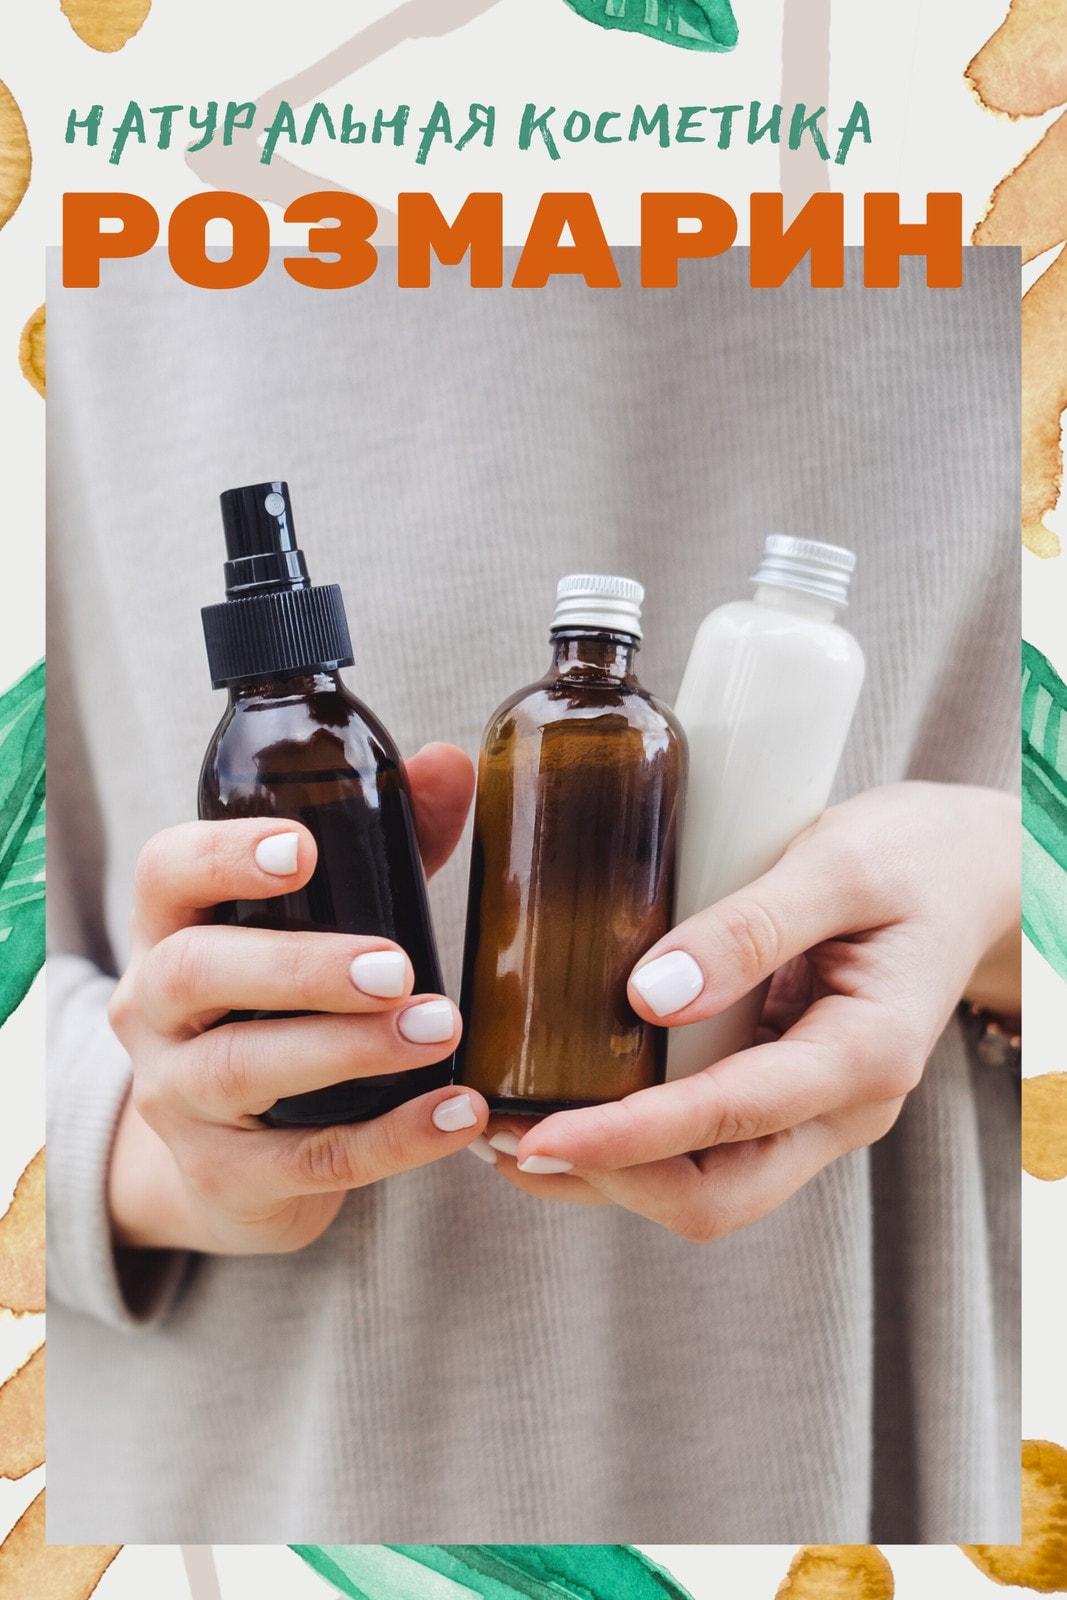 Белое, зеленое и бежевое изображение профиля ВК с натуральной косметикой